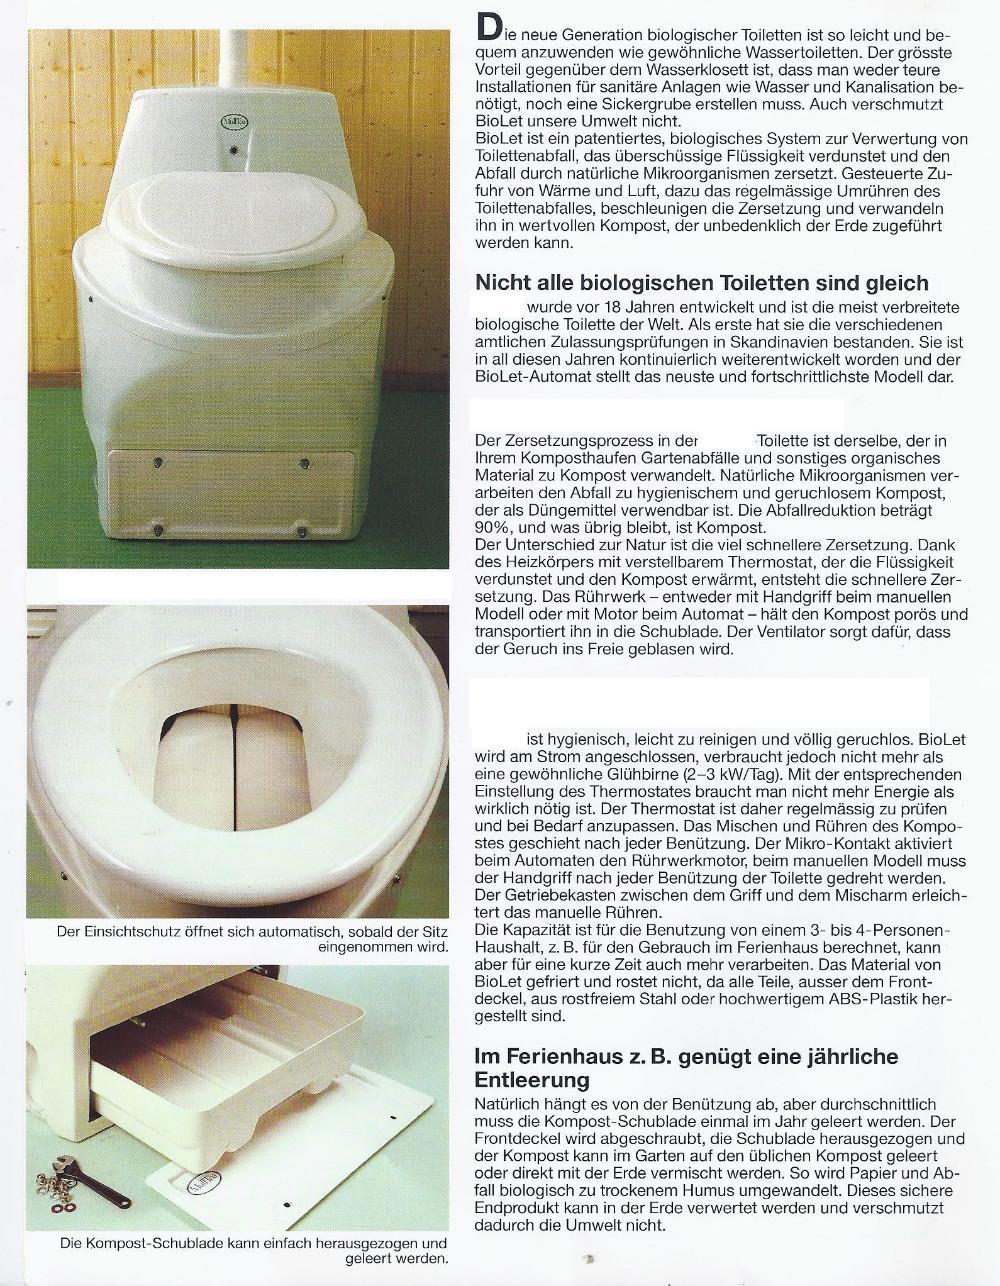 komposttoilette mit r hrwerk solange vorrat 893298. Black Bedroom Furniture Sets. Home Design Ideas